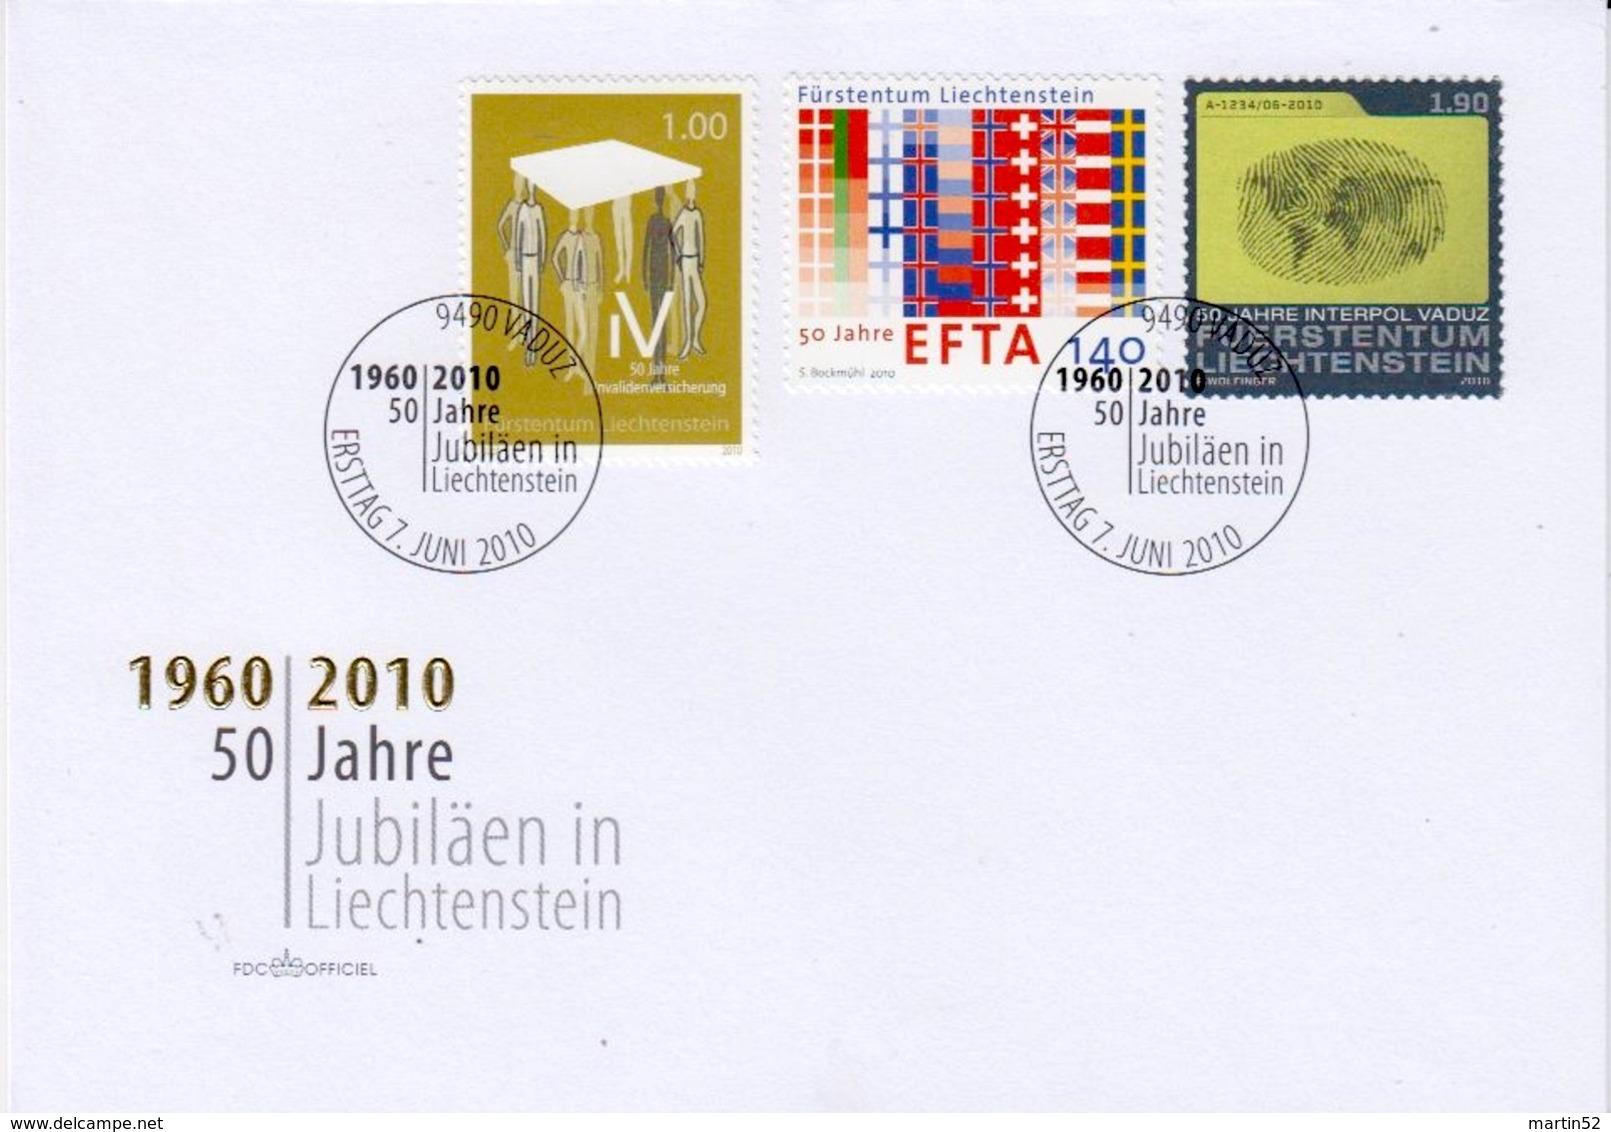 Liechtenstein 2010: 50 Jahre AHV & EFTA & INTERPOL Zu 1502-4 Mi 1558-60 Yv 1499-1501 FDC (Zu CHF 7.00) - Polizia – Gendarmeria